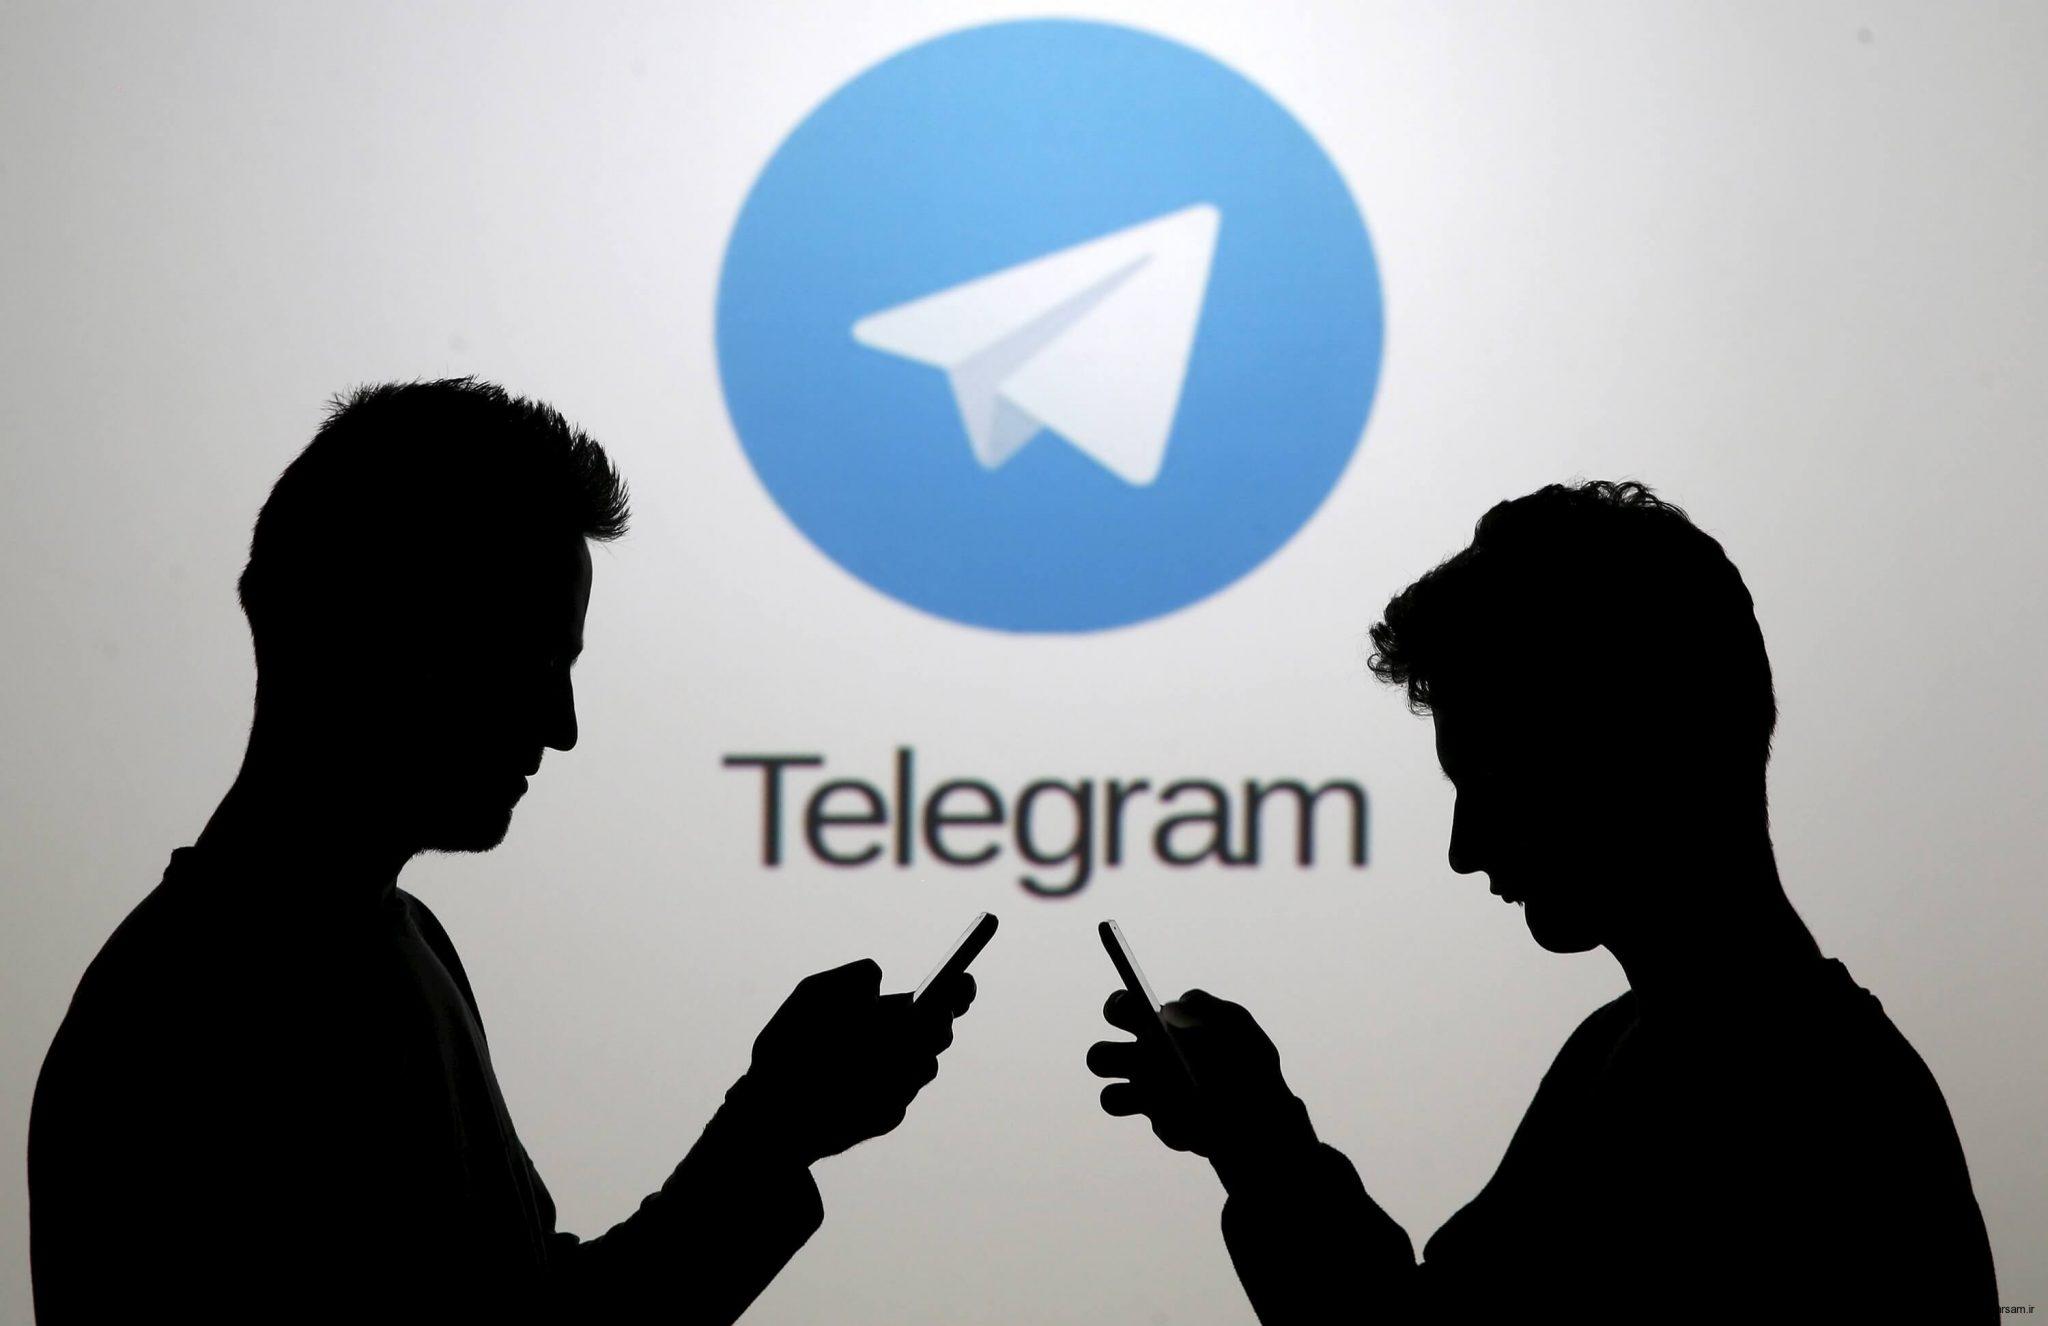 راهنمای ارسال پیام صوتی در تلگرام